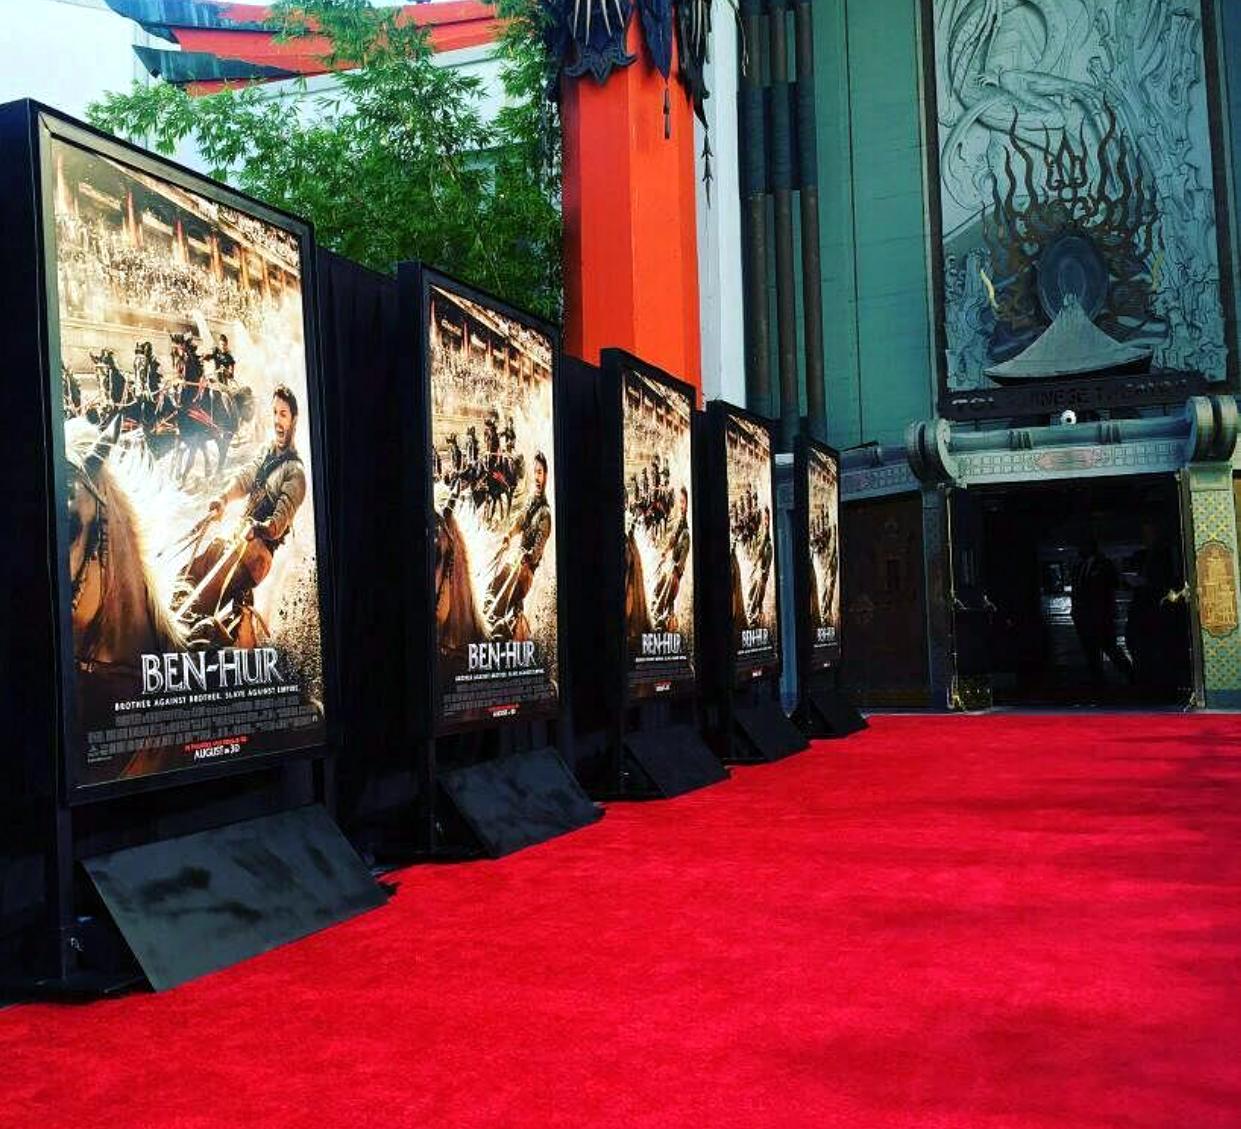 Ben Hur, movie premiere, red carpet, LA